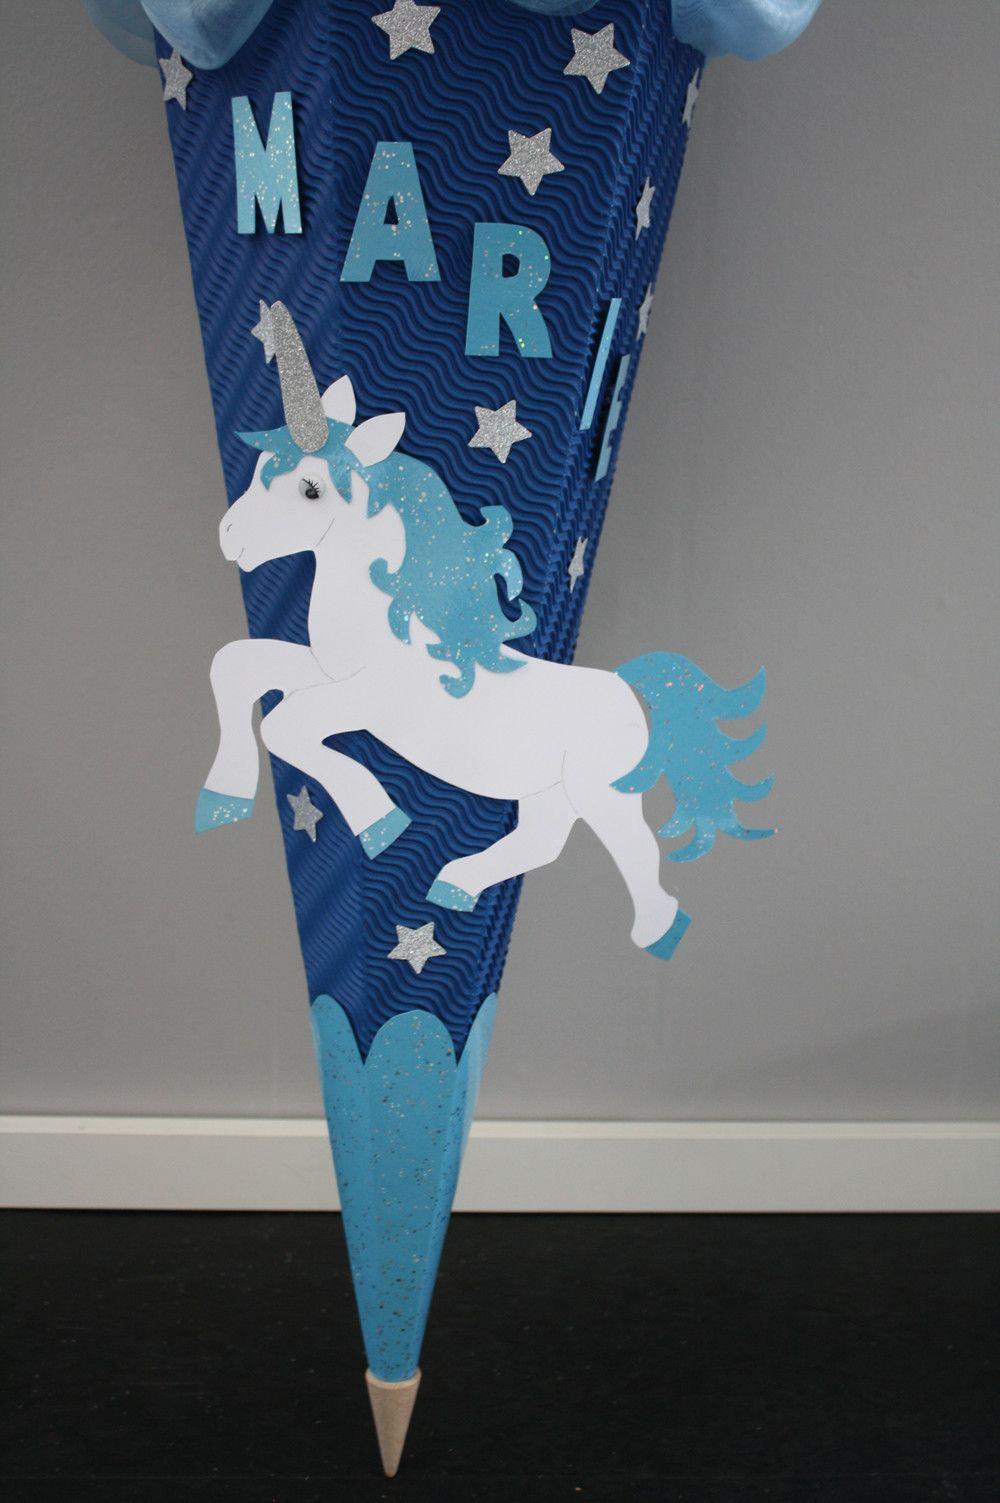 Schultuten Schultute Einhorn Star Blau Handarbeit Ein Designerstuck Von Bastel Shop Bei Daw Schultute Basteln Vorlage Schultute Einhorn Schultute Basteln